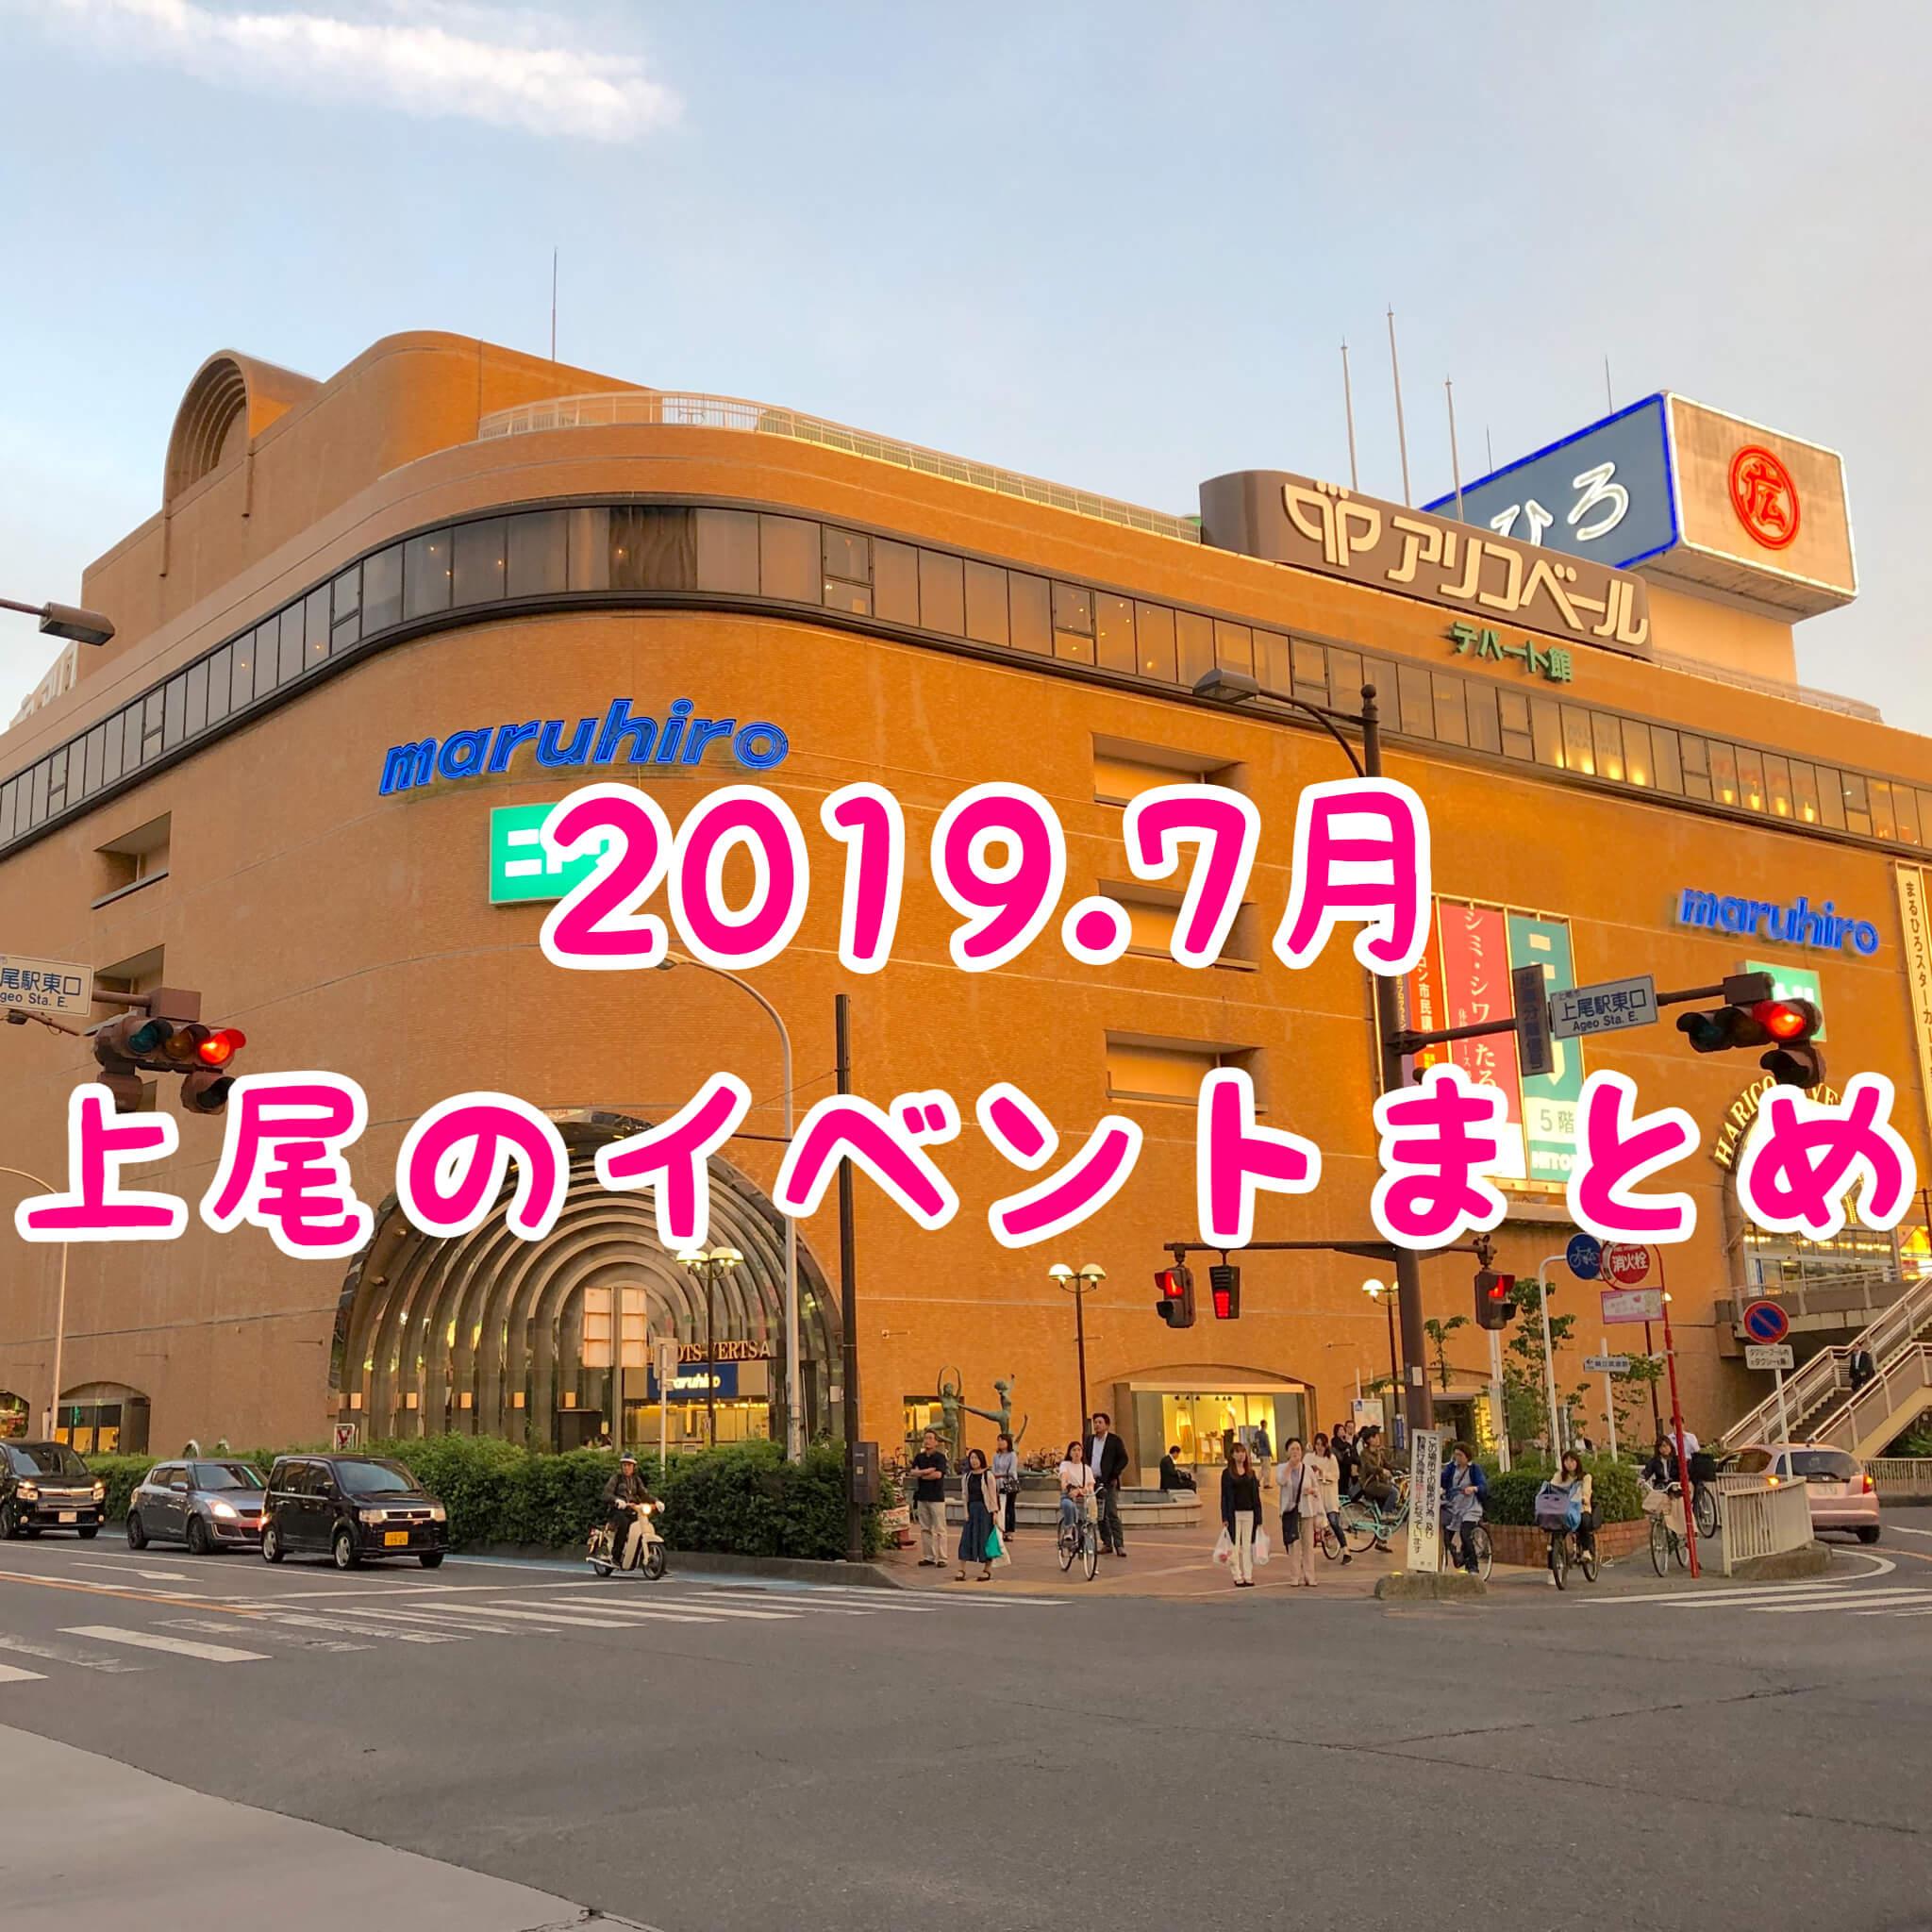 上尾市|2019年7月の注目イベント情報まとめ!